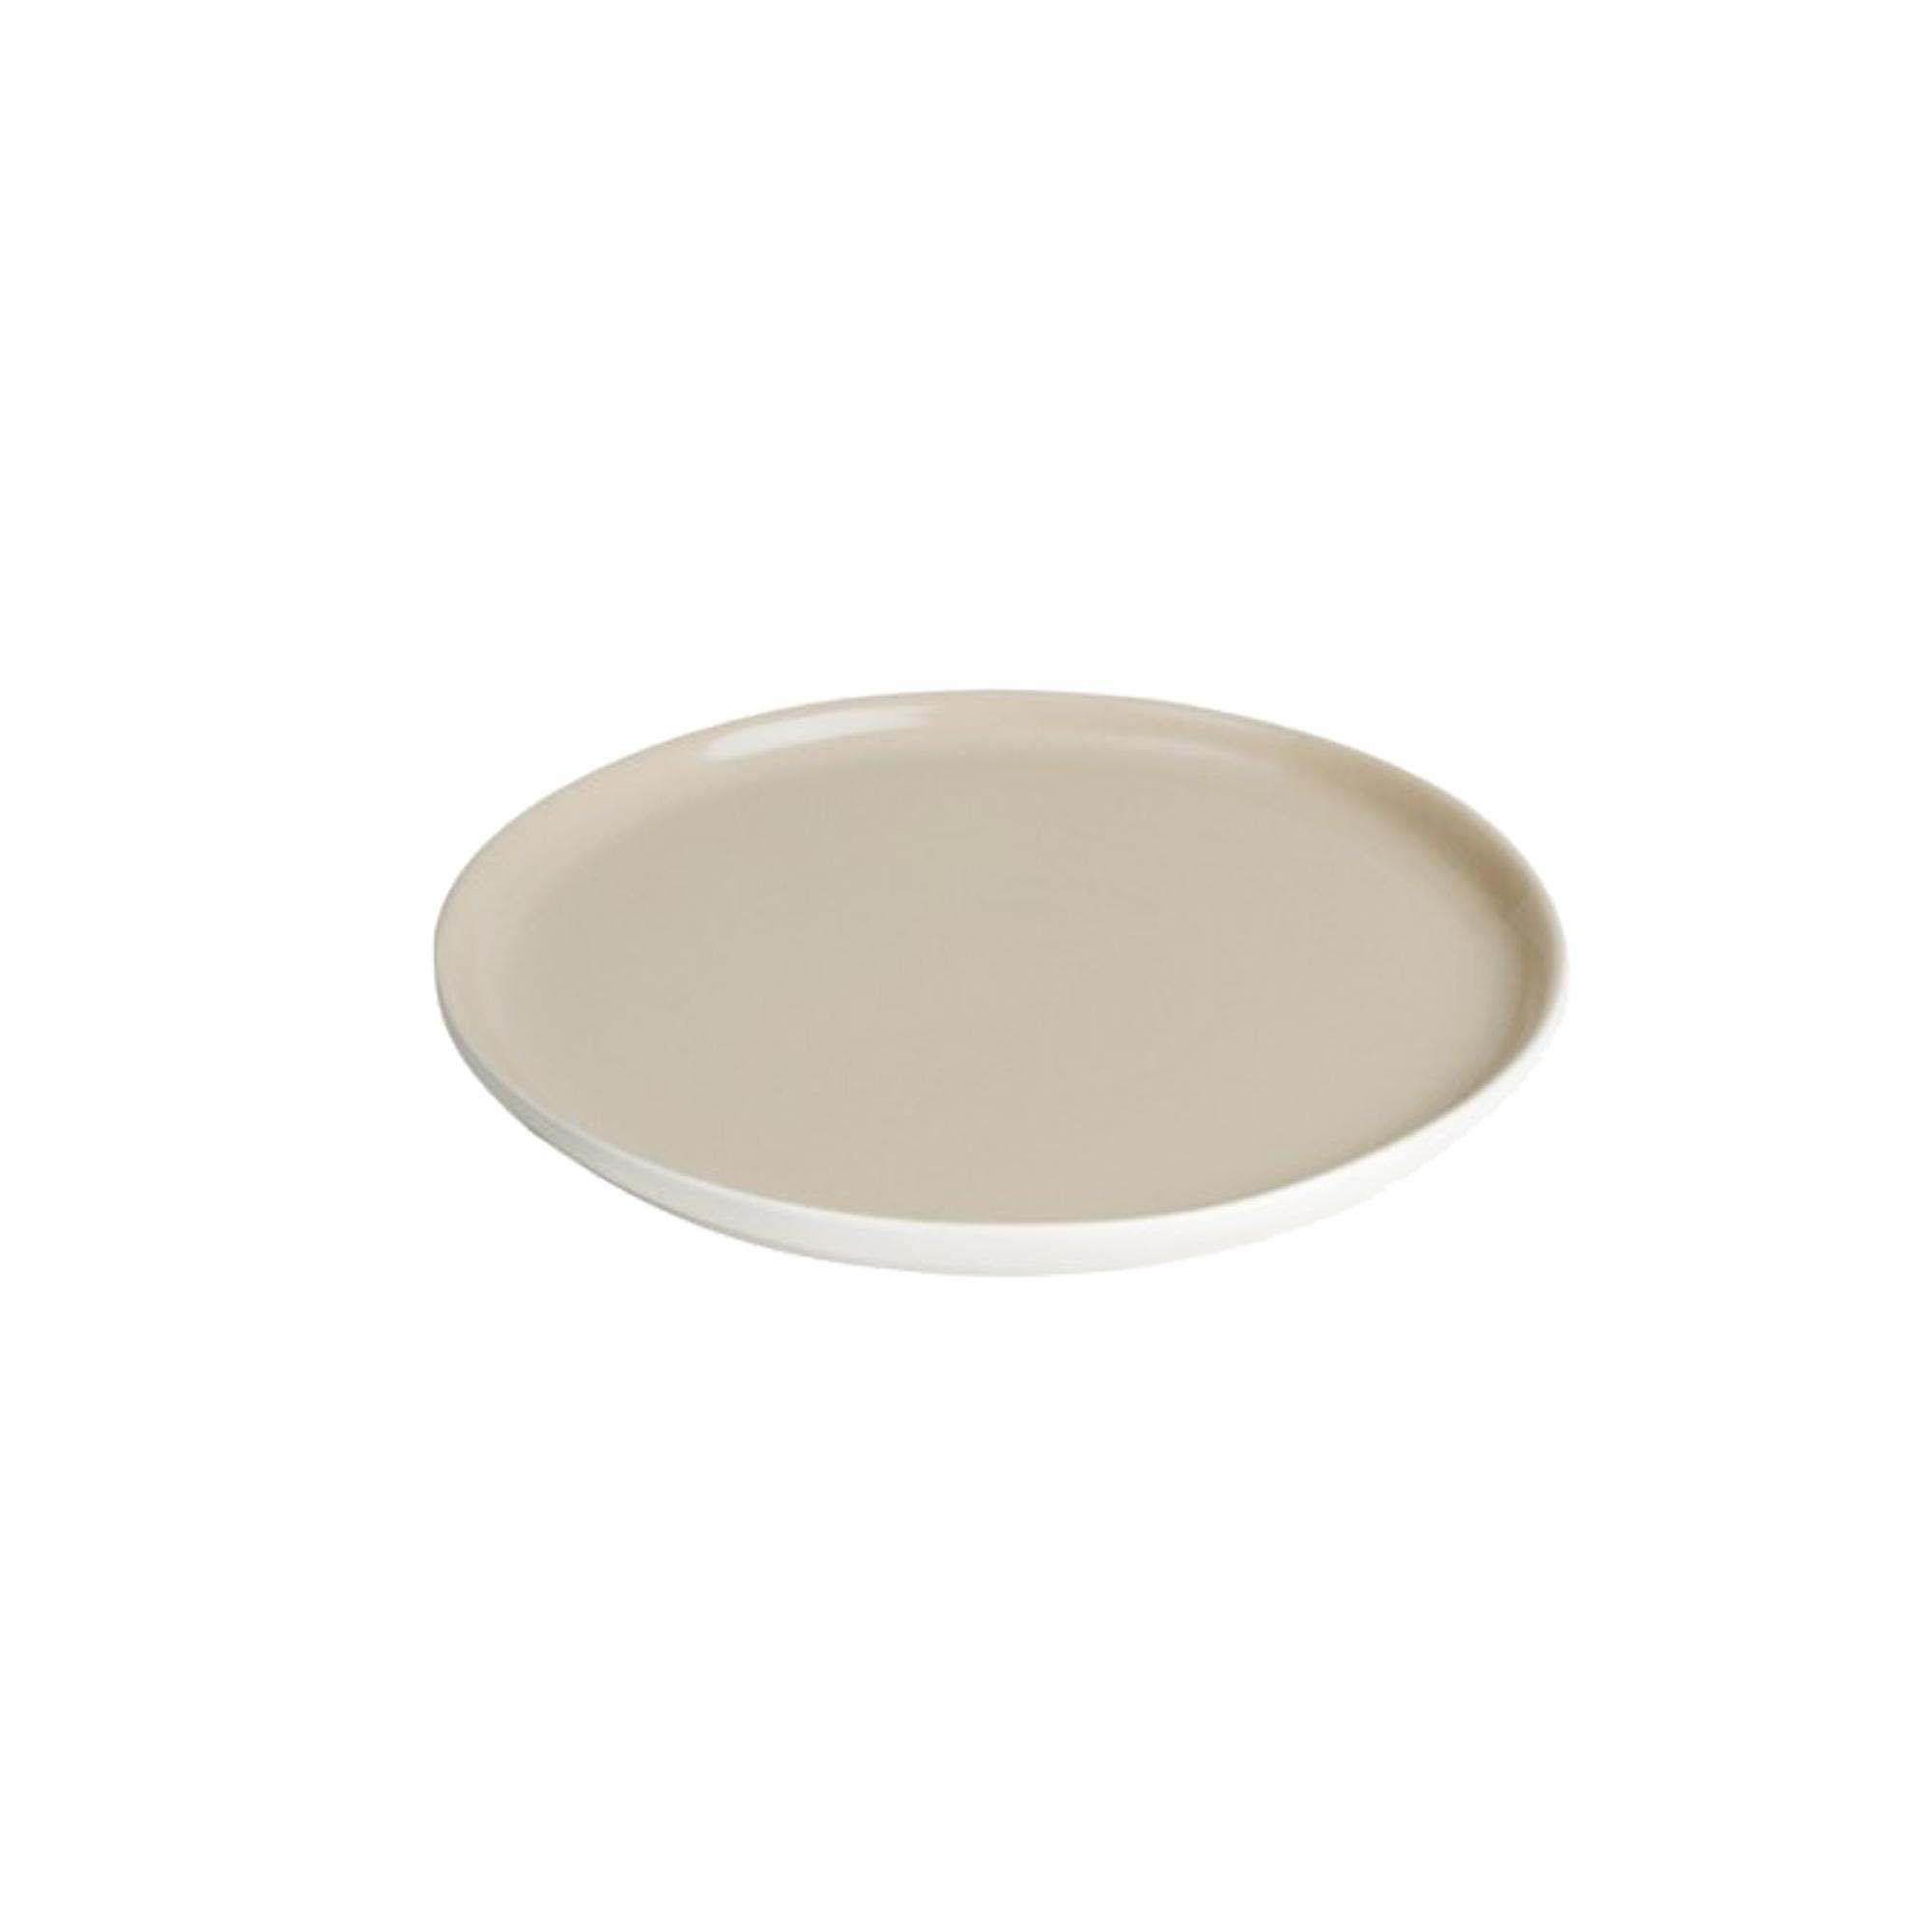 Assiette dessert en grès de table beige 22 cm - Lot de 6